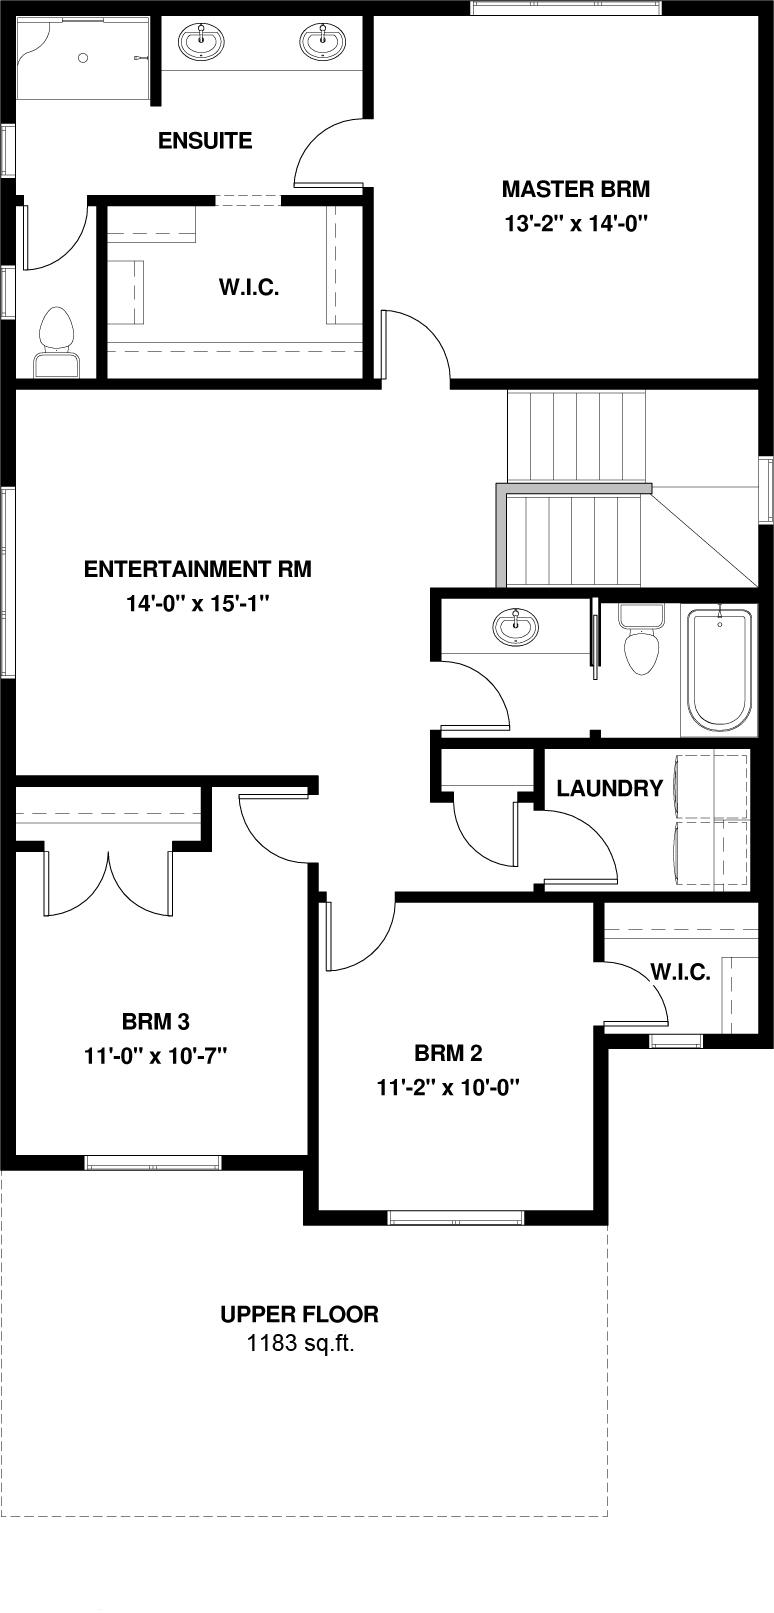 Upper Floor  1183 sq ft